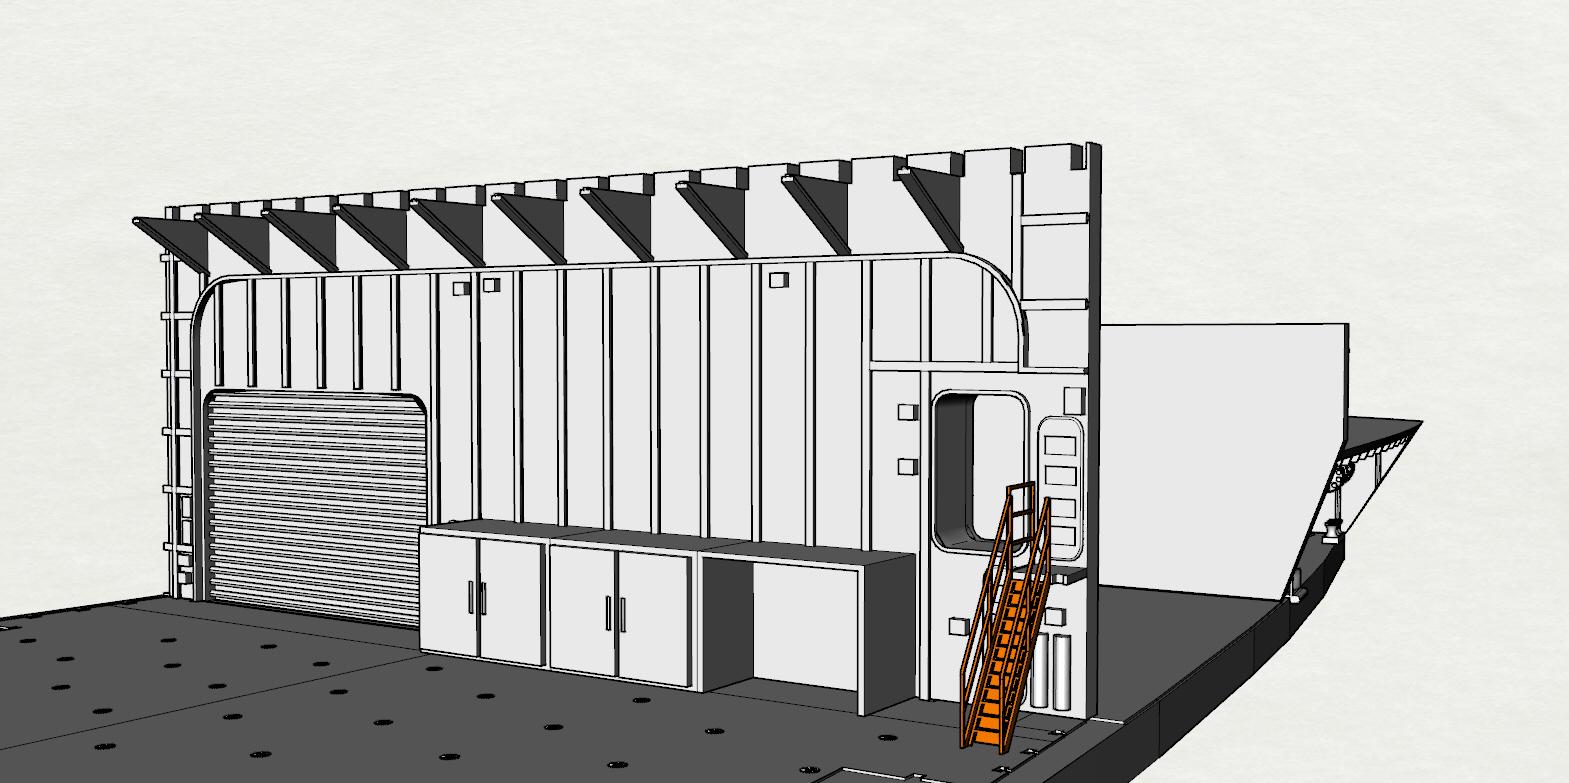 Clemenceau-Foch, conception et réalisation d'un kit d'amélioration - Page 2 17080501044523134915201268